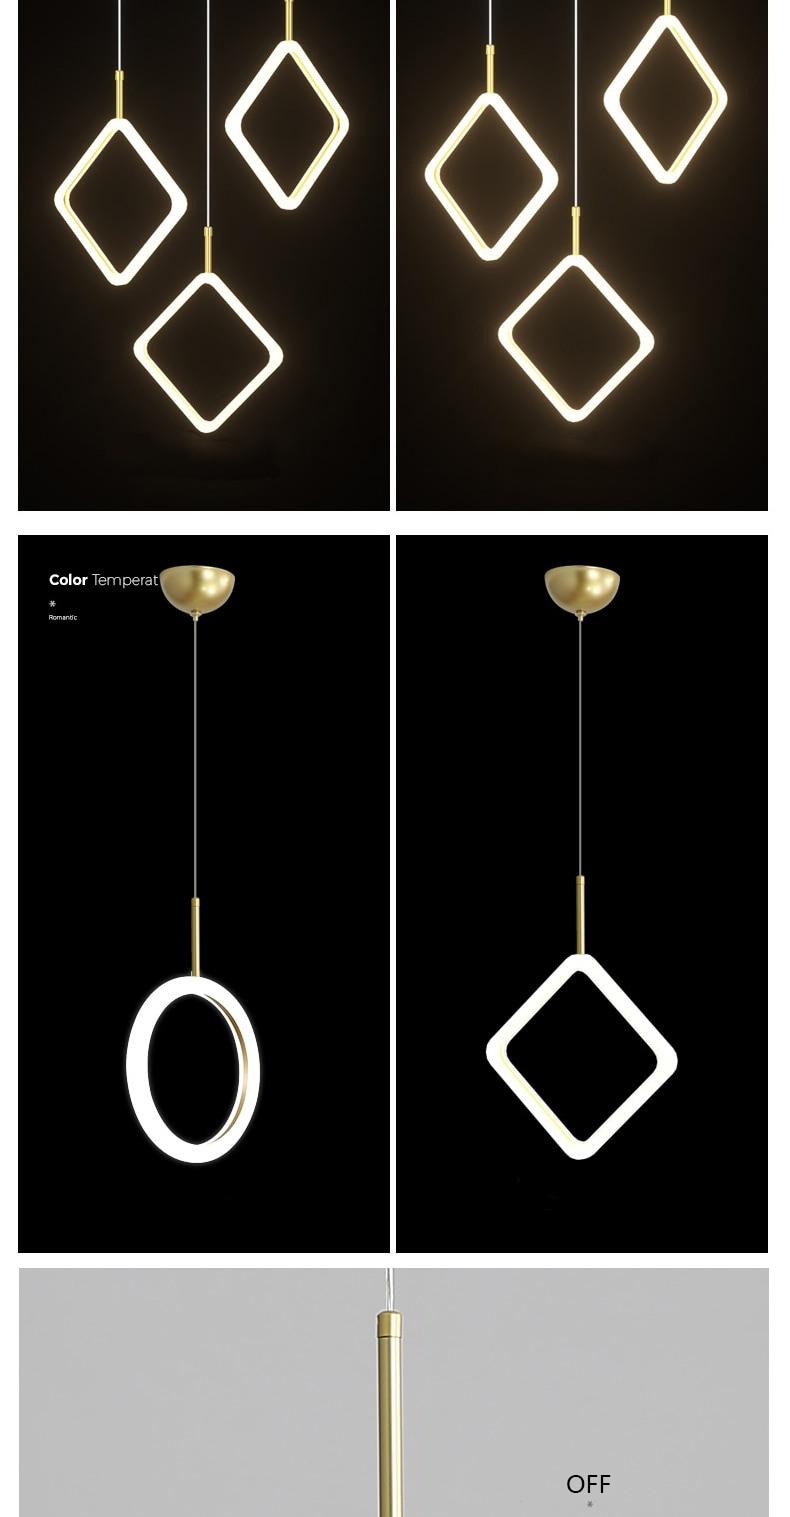 北欧风格创意个性吊灯简约现代圆环形三头餐厅灯吧台灯餐吊灯具-tmall_04